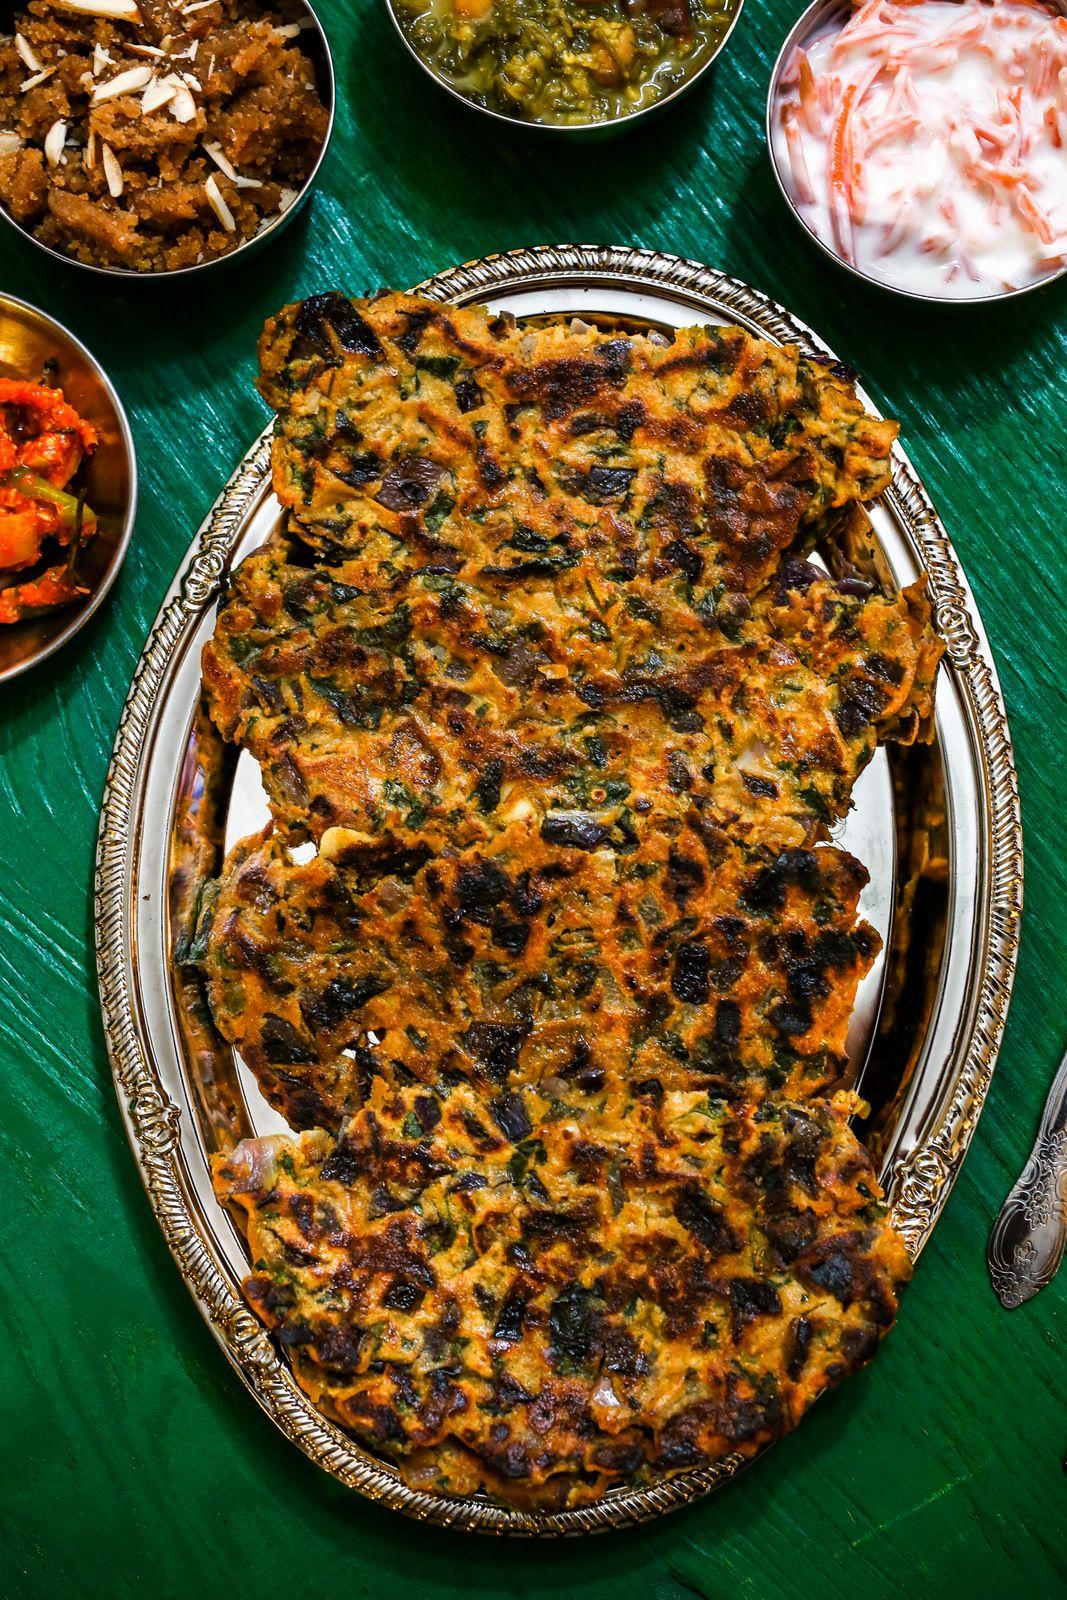 Thalipeeth ghavacha sheera shepuchi bhaji recipe food thalipeeth recipe shepuchi bhaji recipe ghavacha sheera recipe marathi recipes marathi food easy recipes indian recipes how to make thalipeeth food forumfinder Gallery